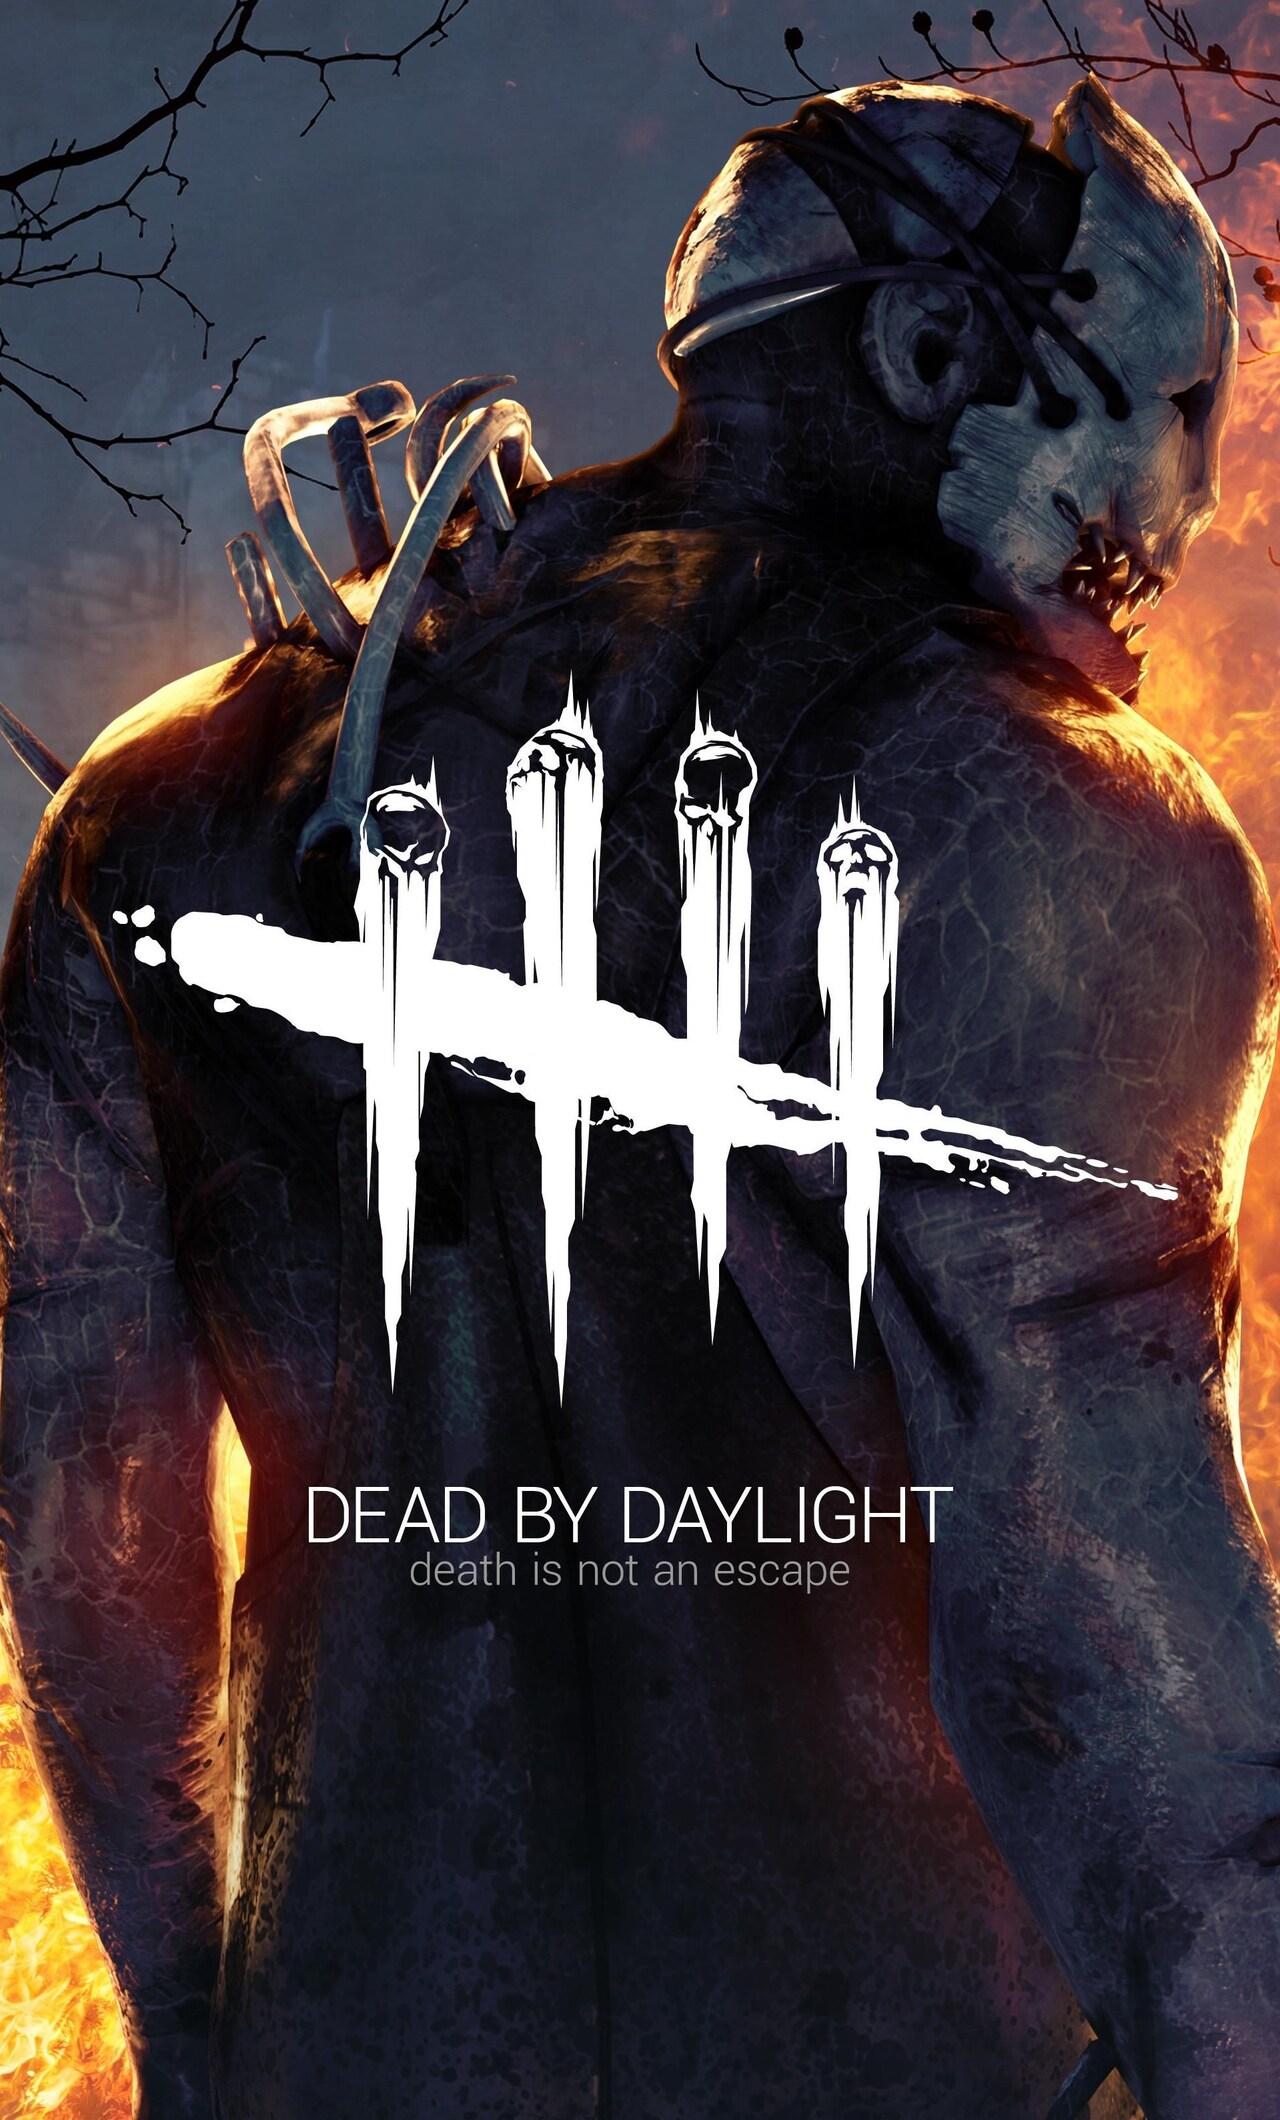 dead-by-daylight-pic.jpg